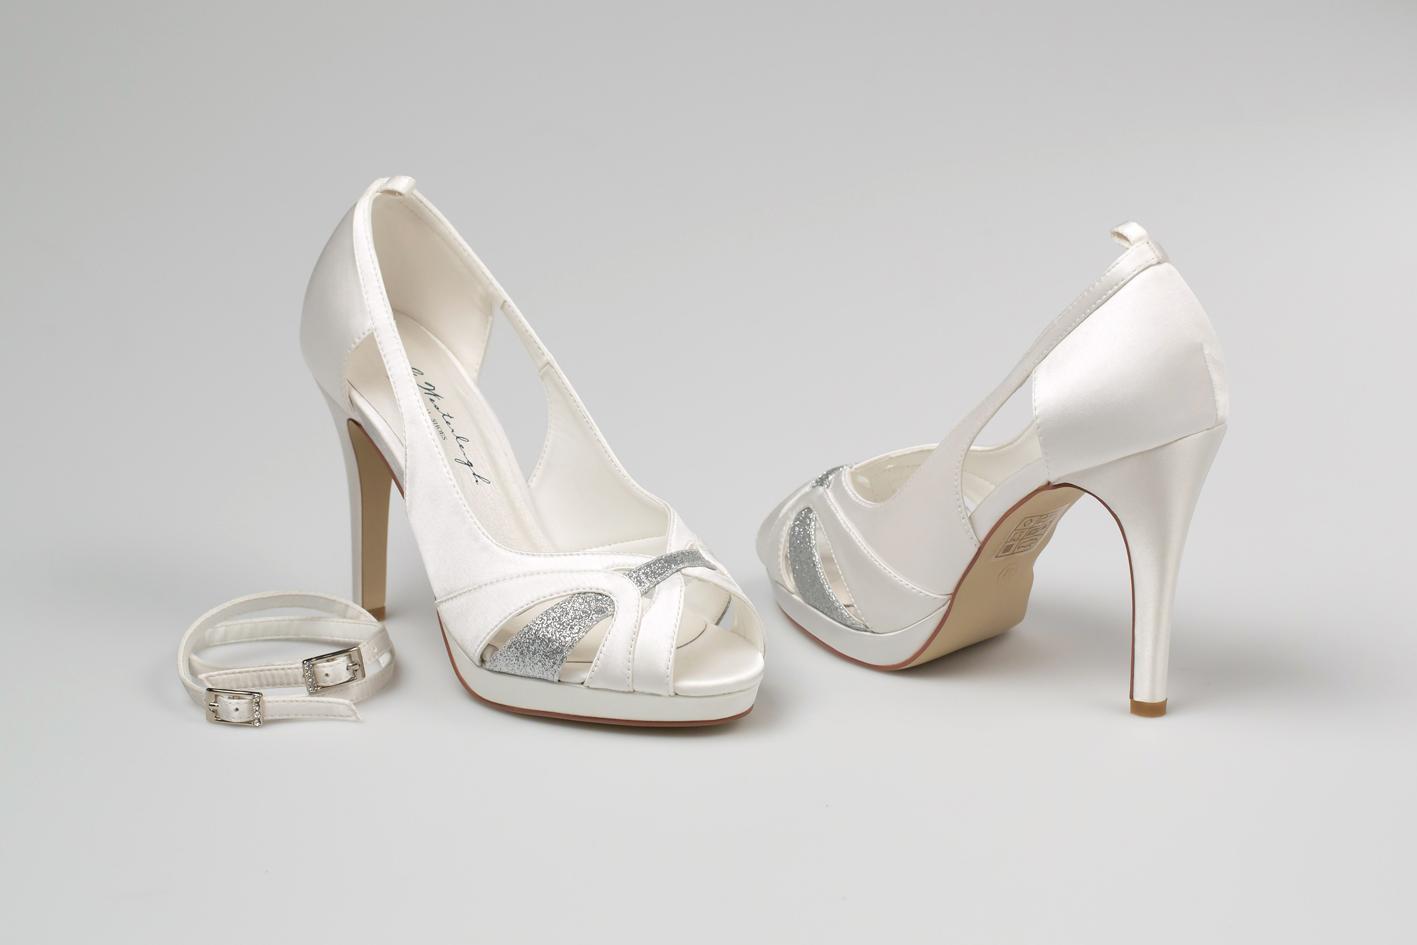 Svadobné topánky Norah - Obrázok č. 4